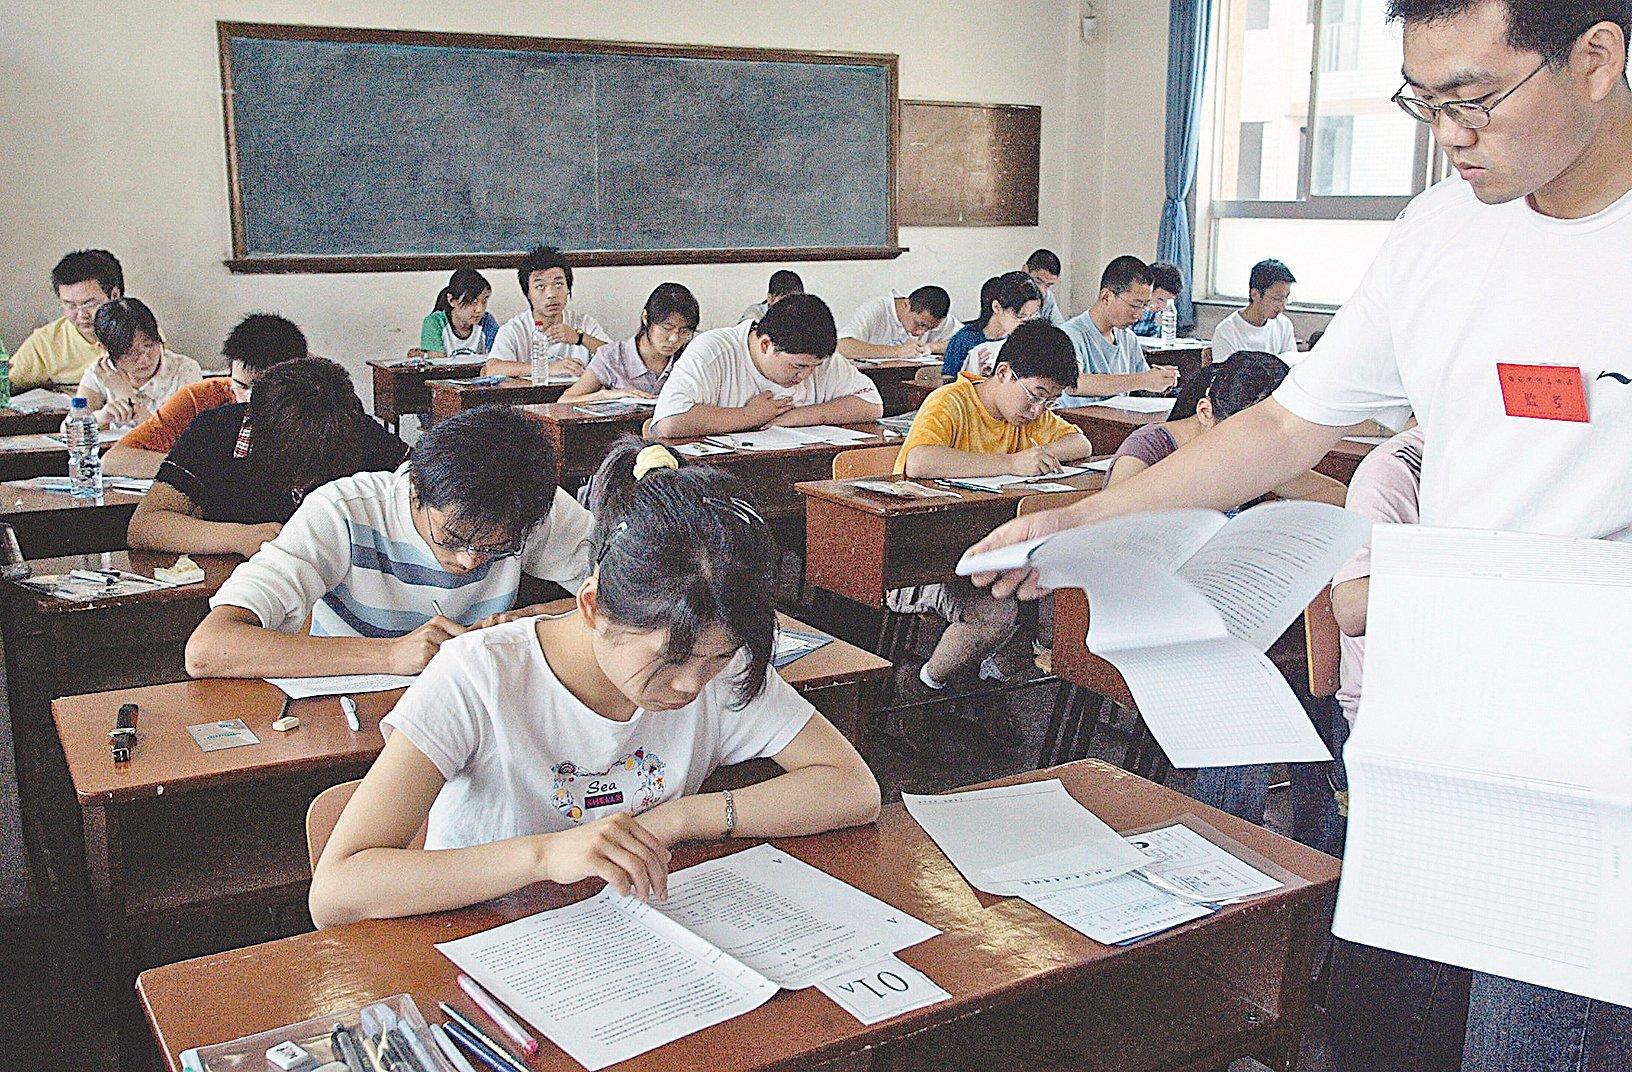 11月6日,重慶媒體稱該市教育考試院表示,政審材料不合格者不能被錄取。此事件引發網絡熱議。圖為中國參加高考的學生。(Getty Images)